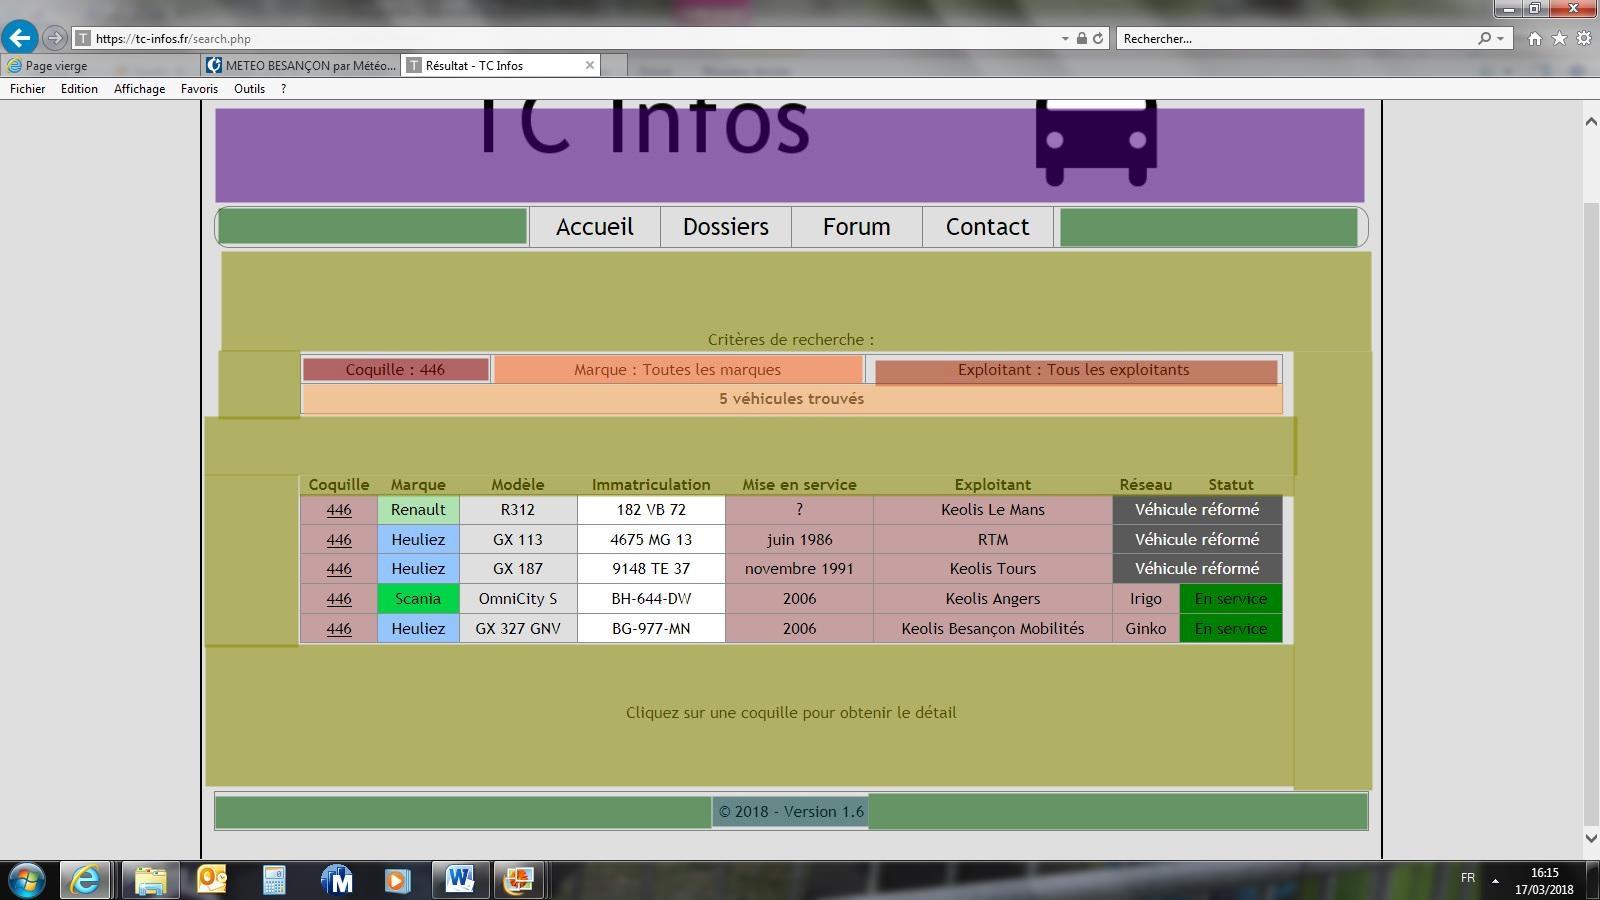 TCinfos Recherche